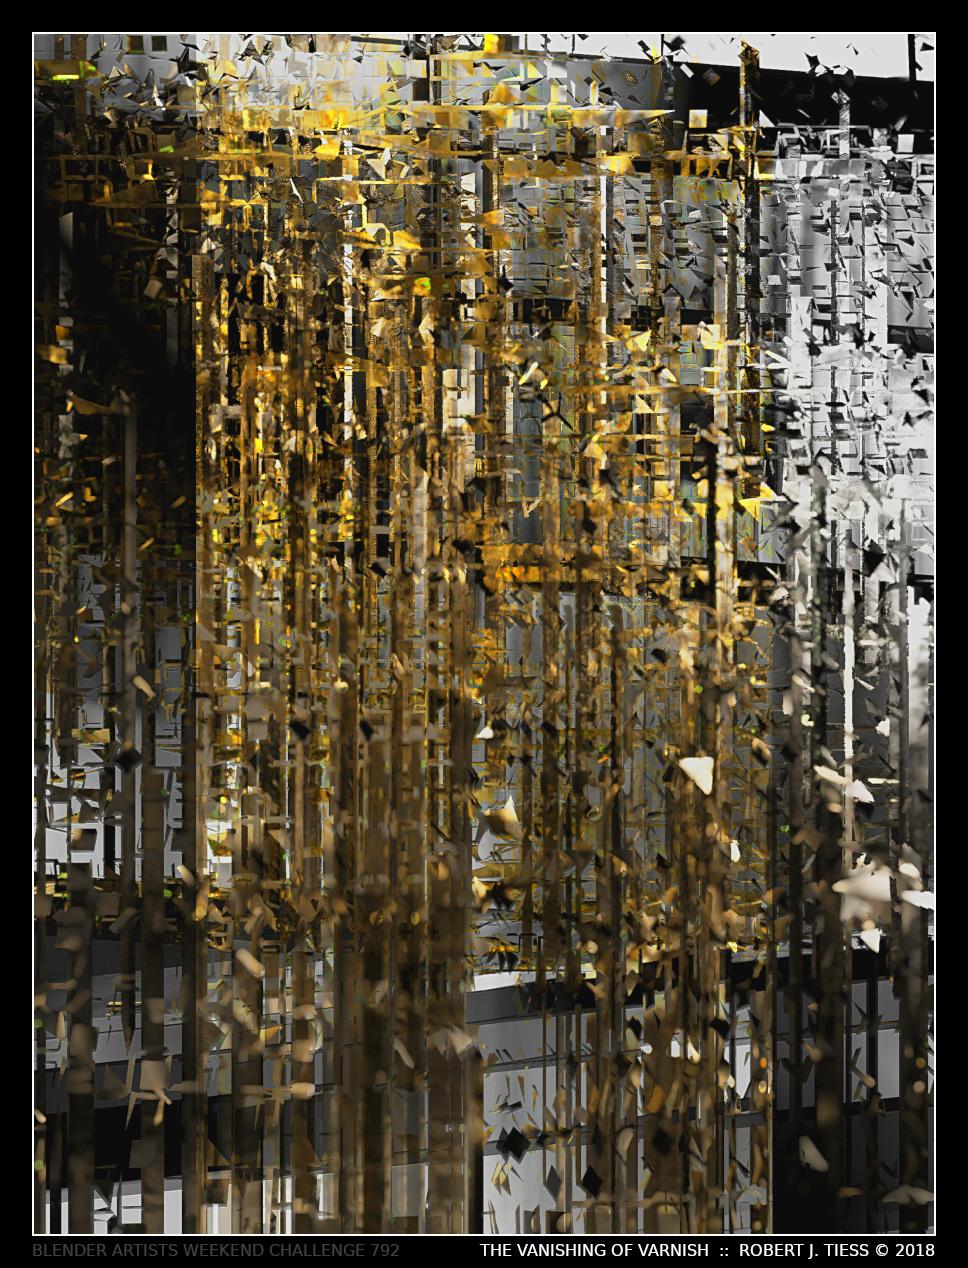 The Vanishing of Varnish - By Robert J. Tiess